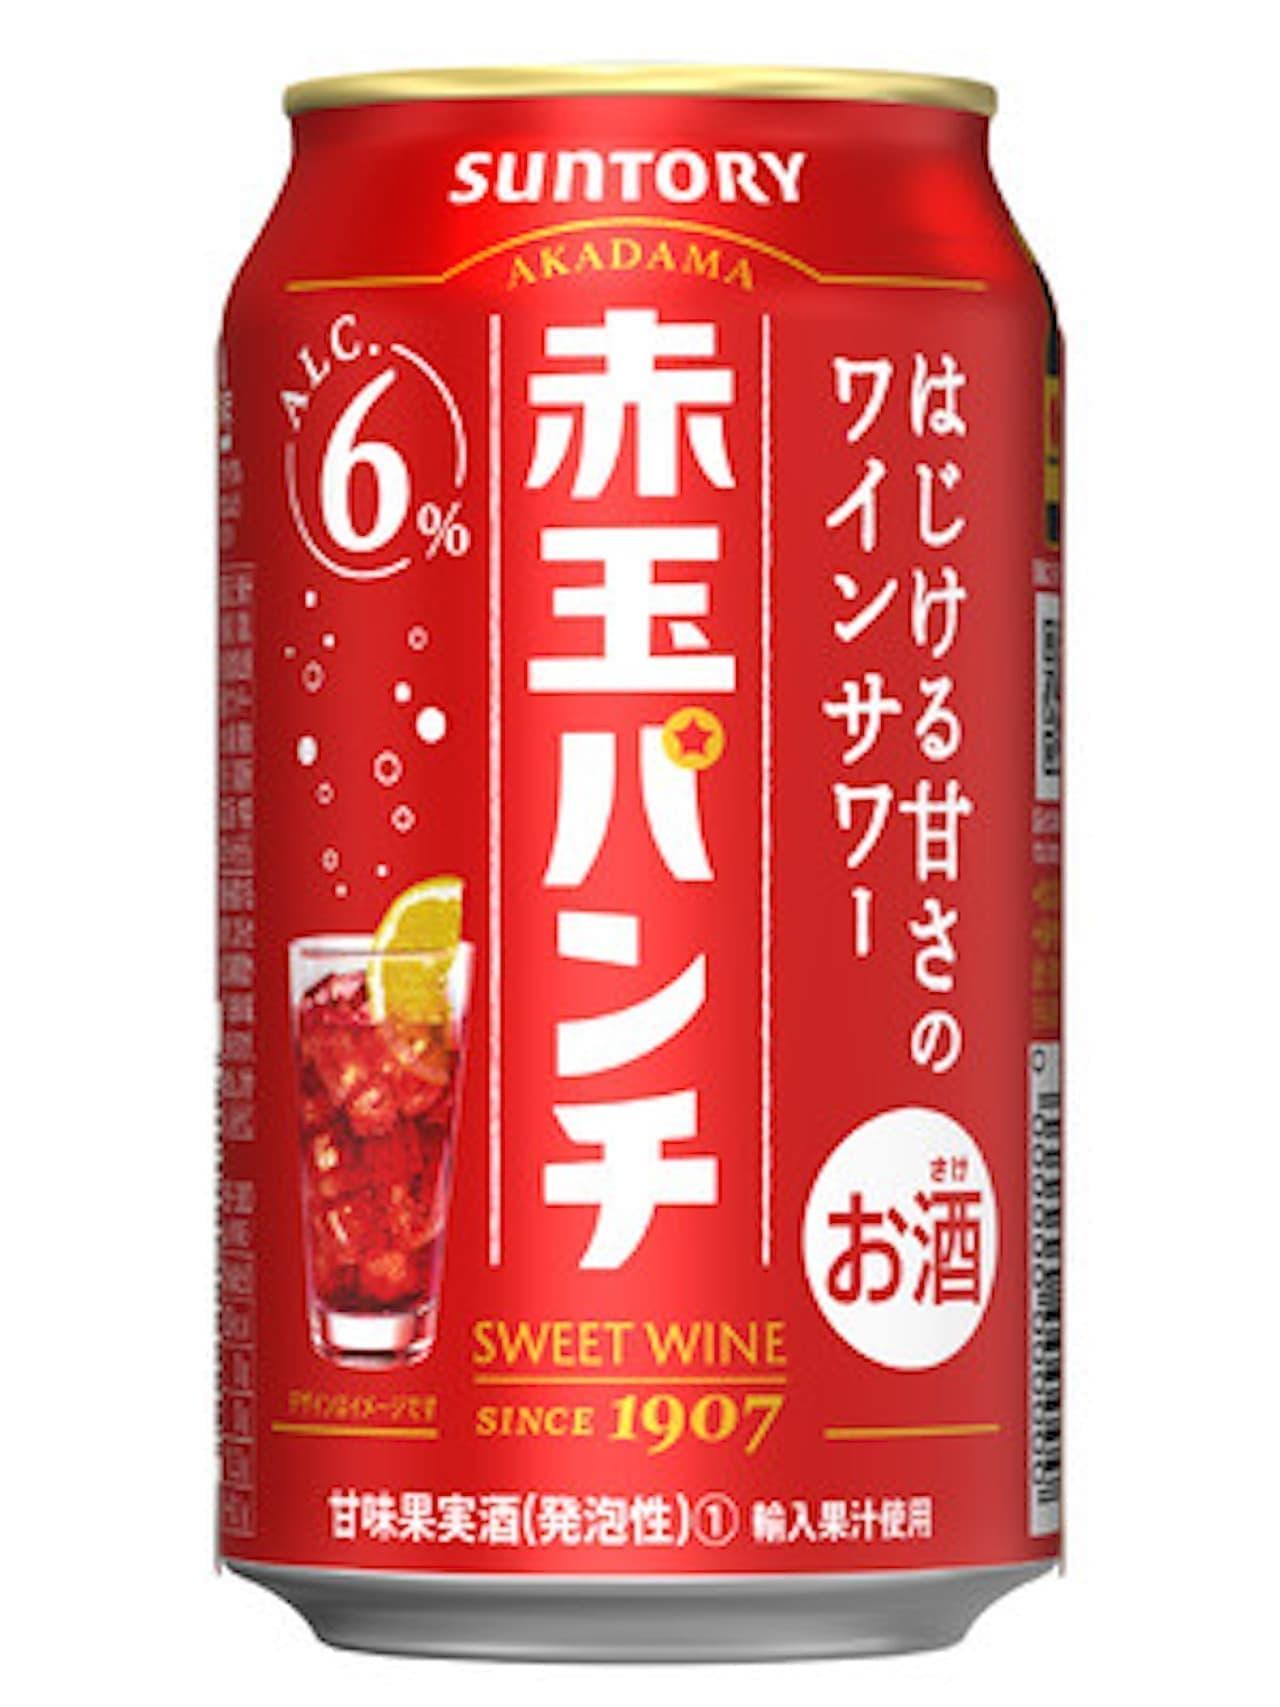 「赤玉パンチ350ml缶」リニューアルして登場